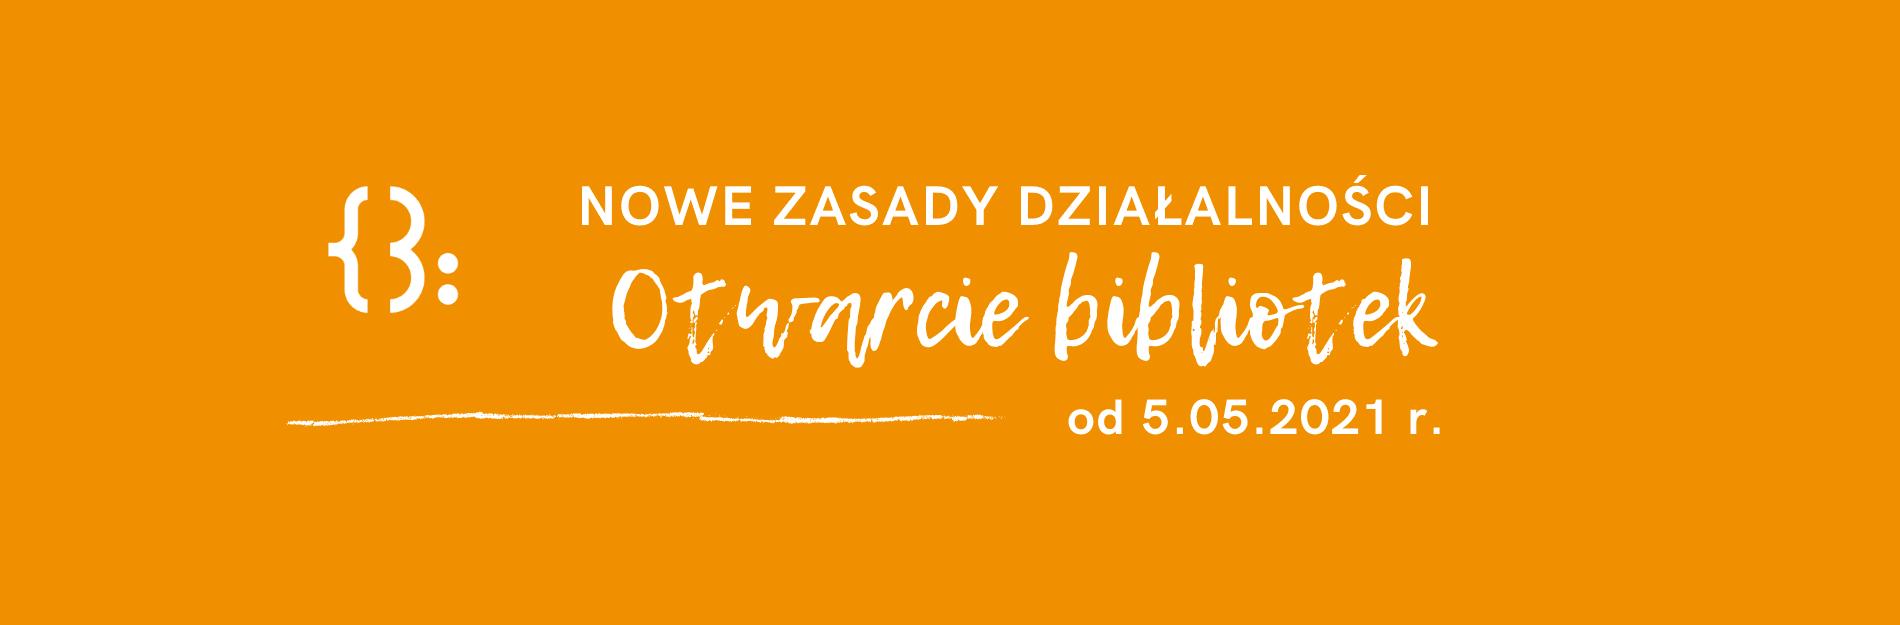 Ponowne otwarcie bibliotek od5.05.2021